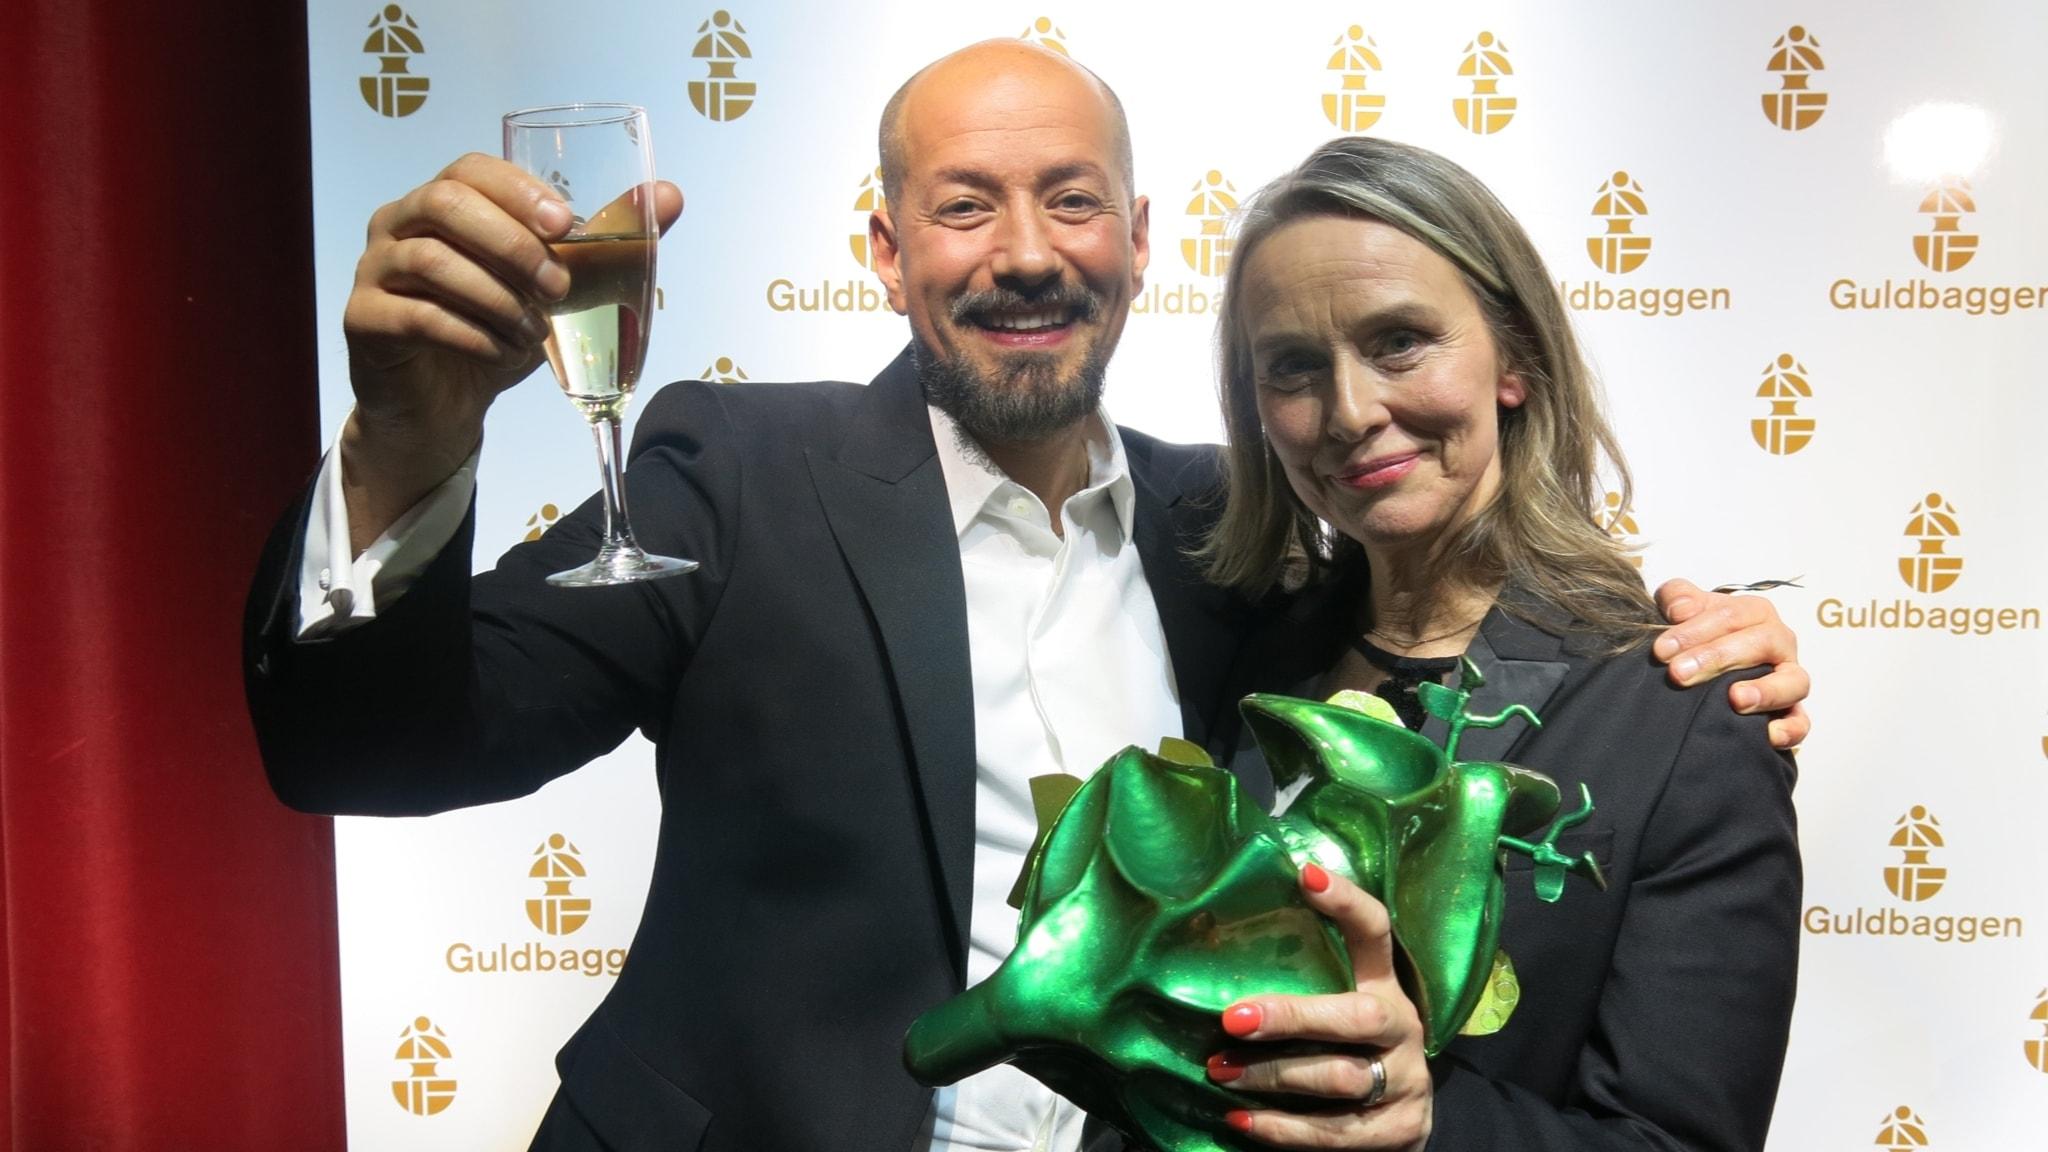 Guldbaggen för bästa svenska film: The Nile Hilton Incident - Kulturnytt